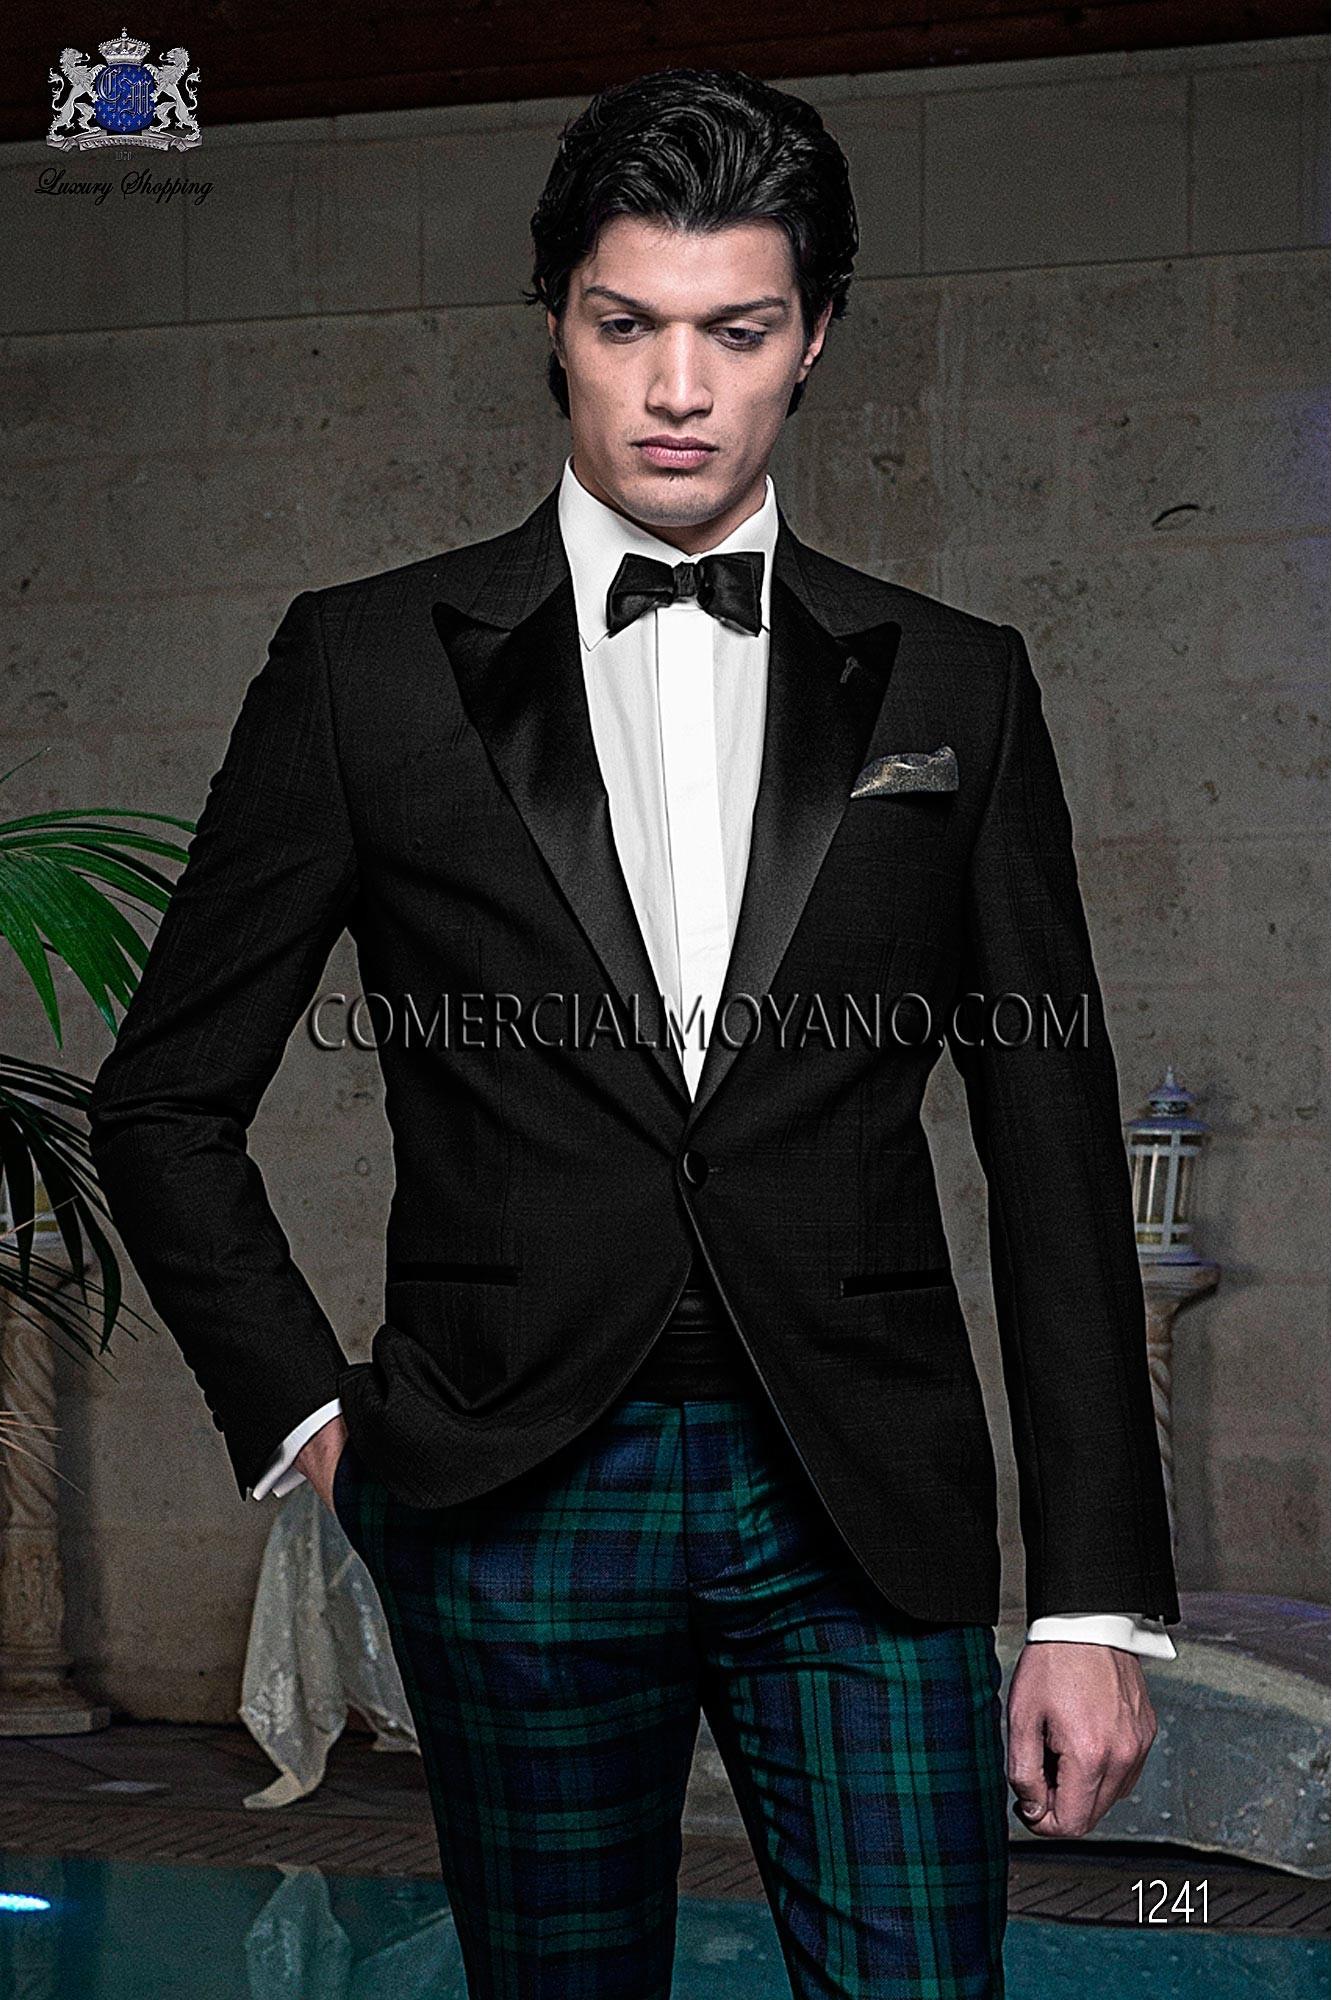 Traje BlackTie de novio negro modelo: 1241 Ottavio Nuccio Gala colección Black Tie